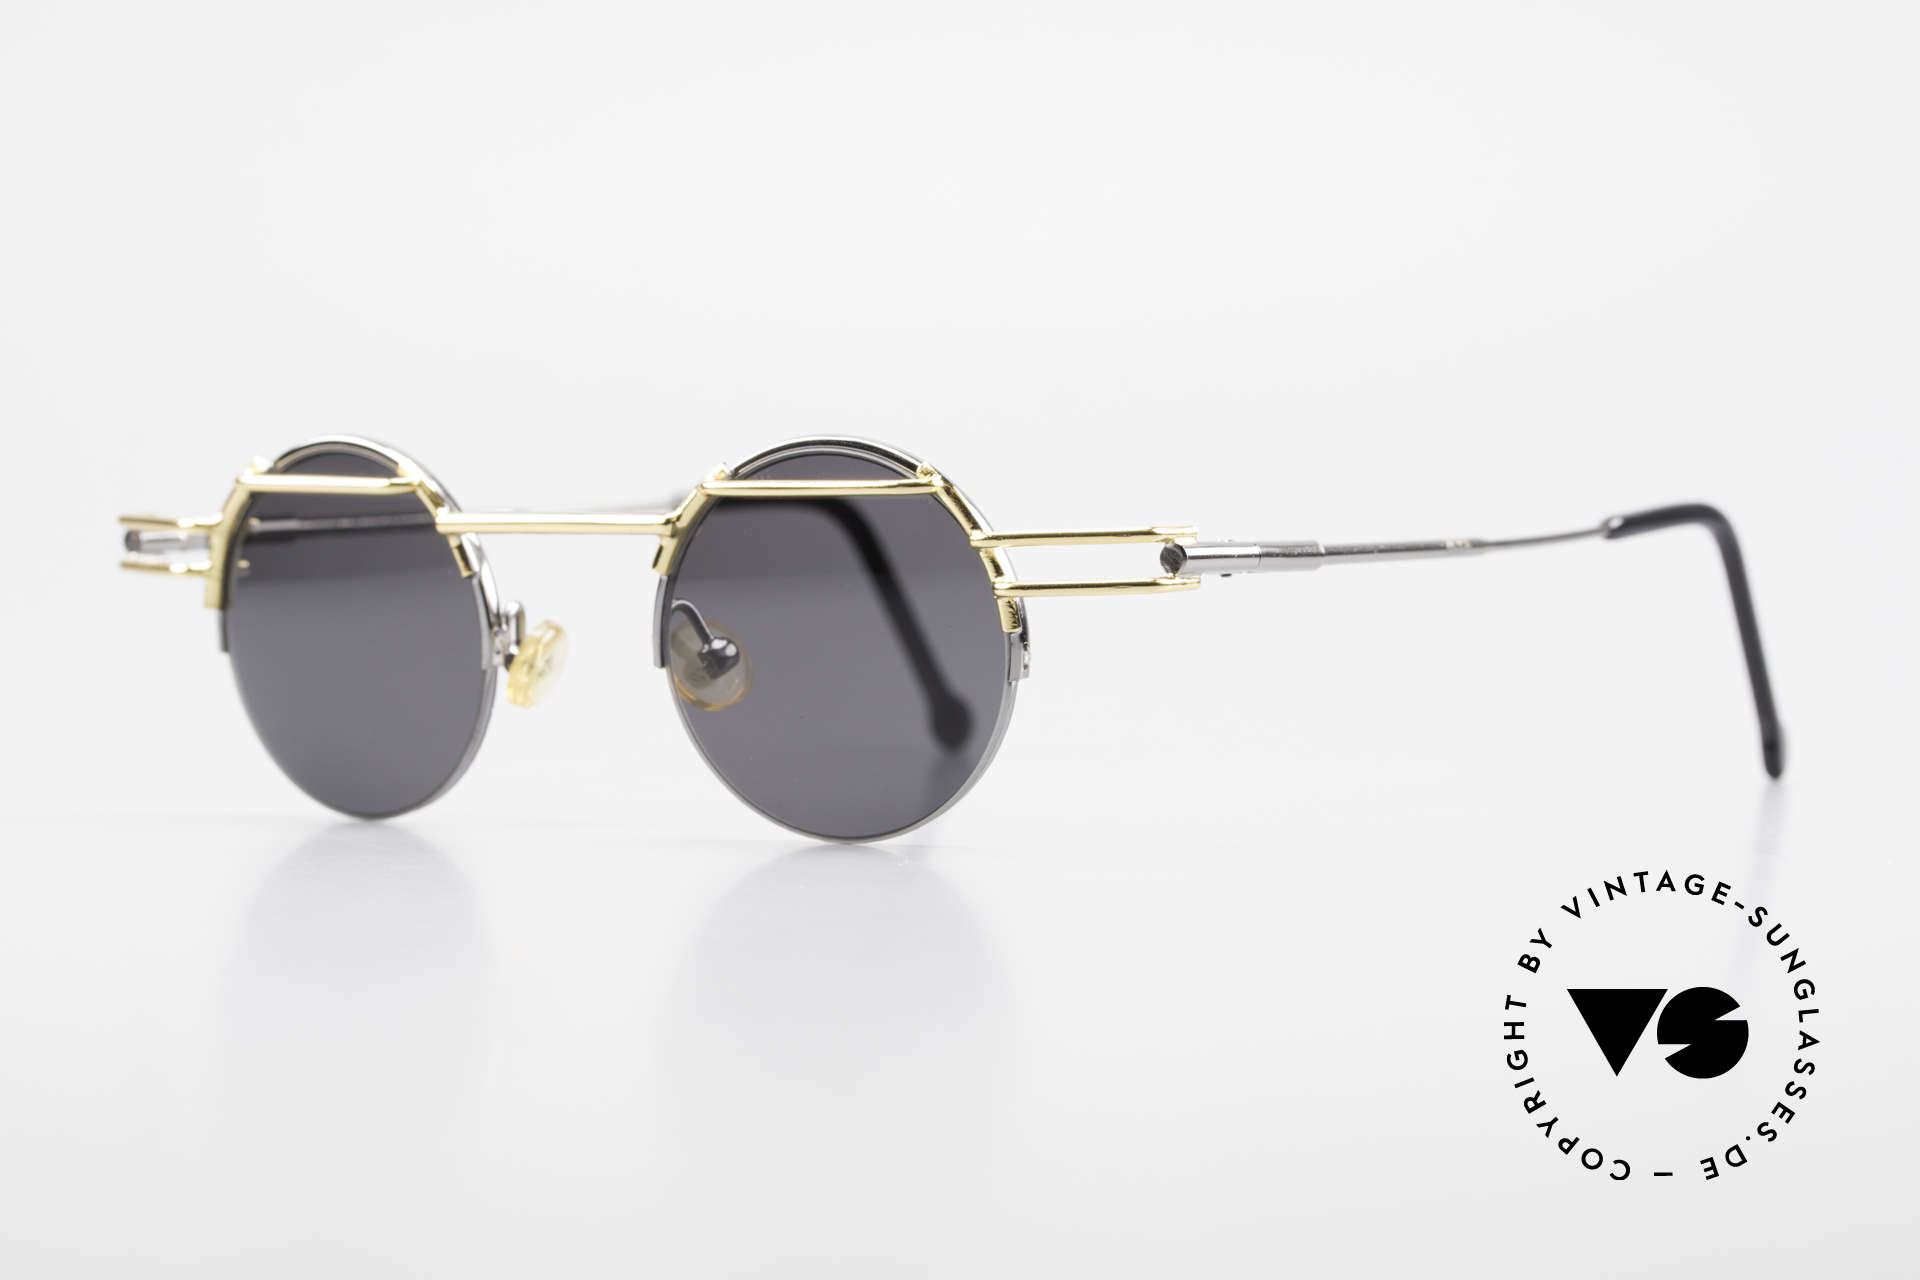 IMAGO Luna Runde Designer Sonnenbrille, entsprechend facettenreich sind die Brillenmodelle, Passend für Herren und Damen